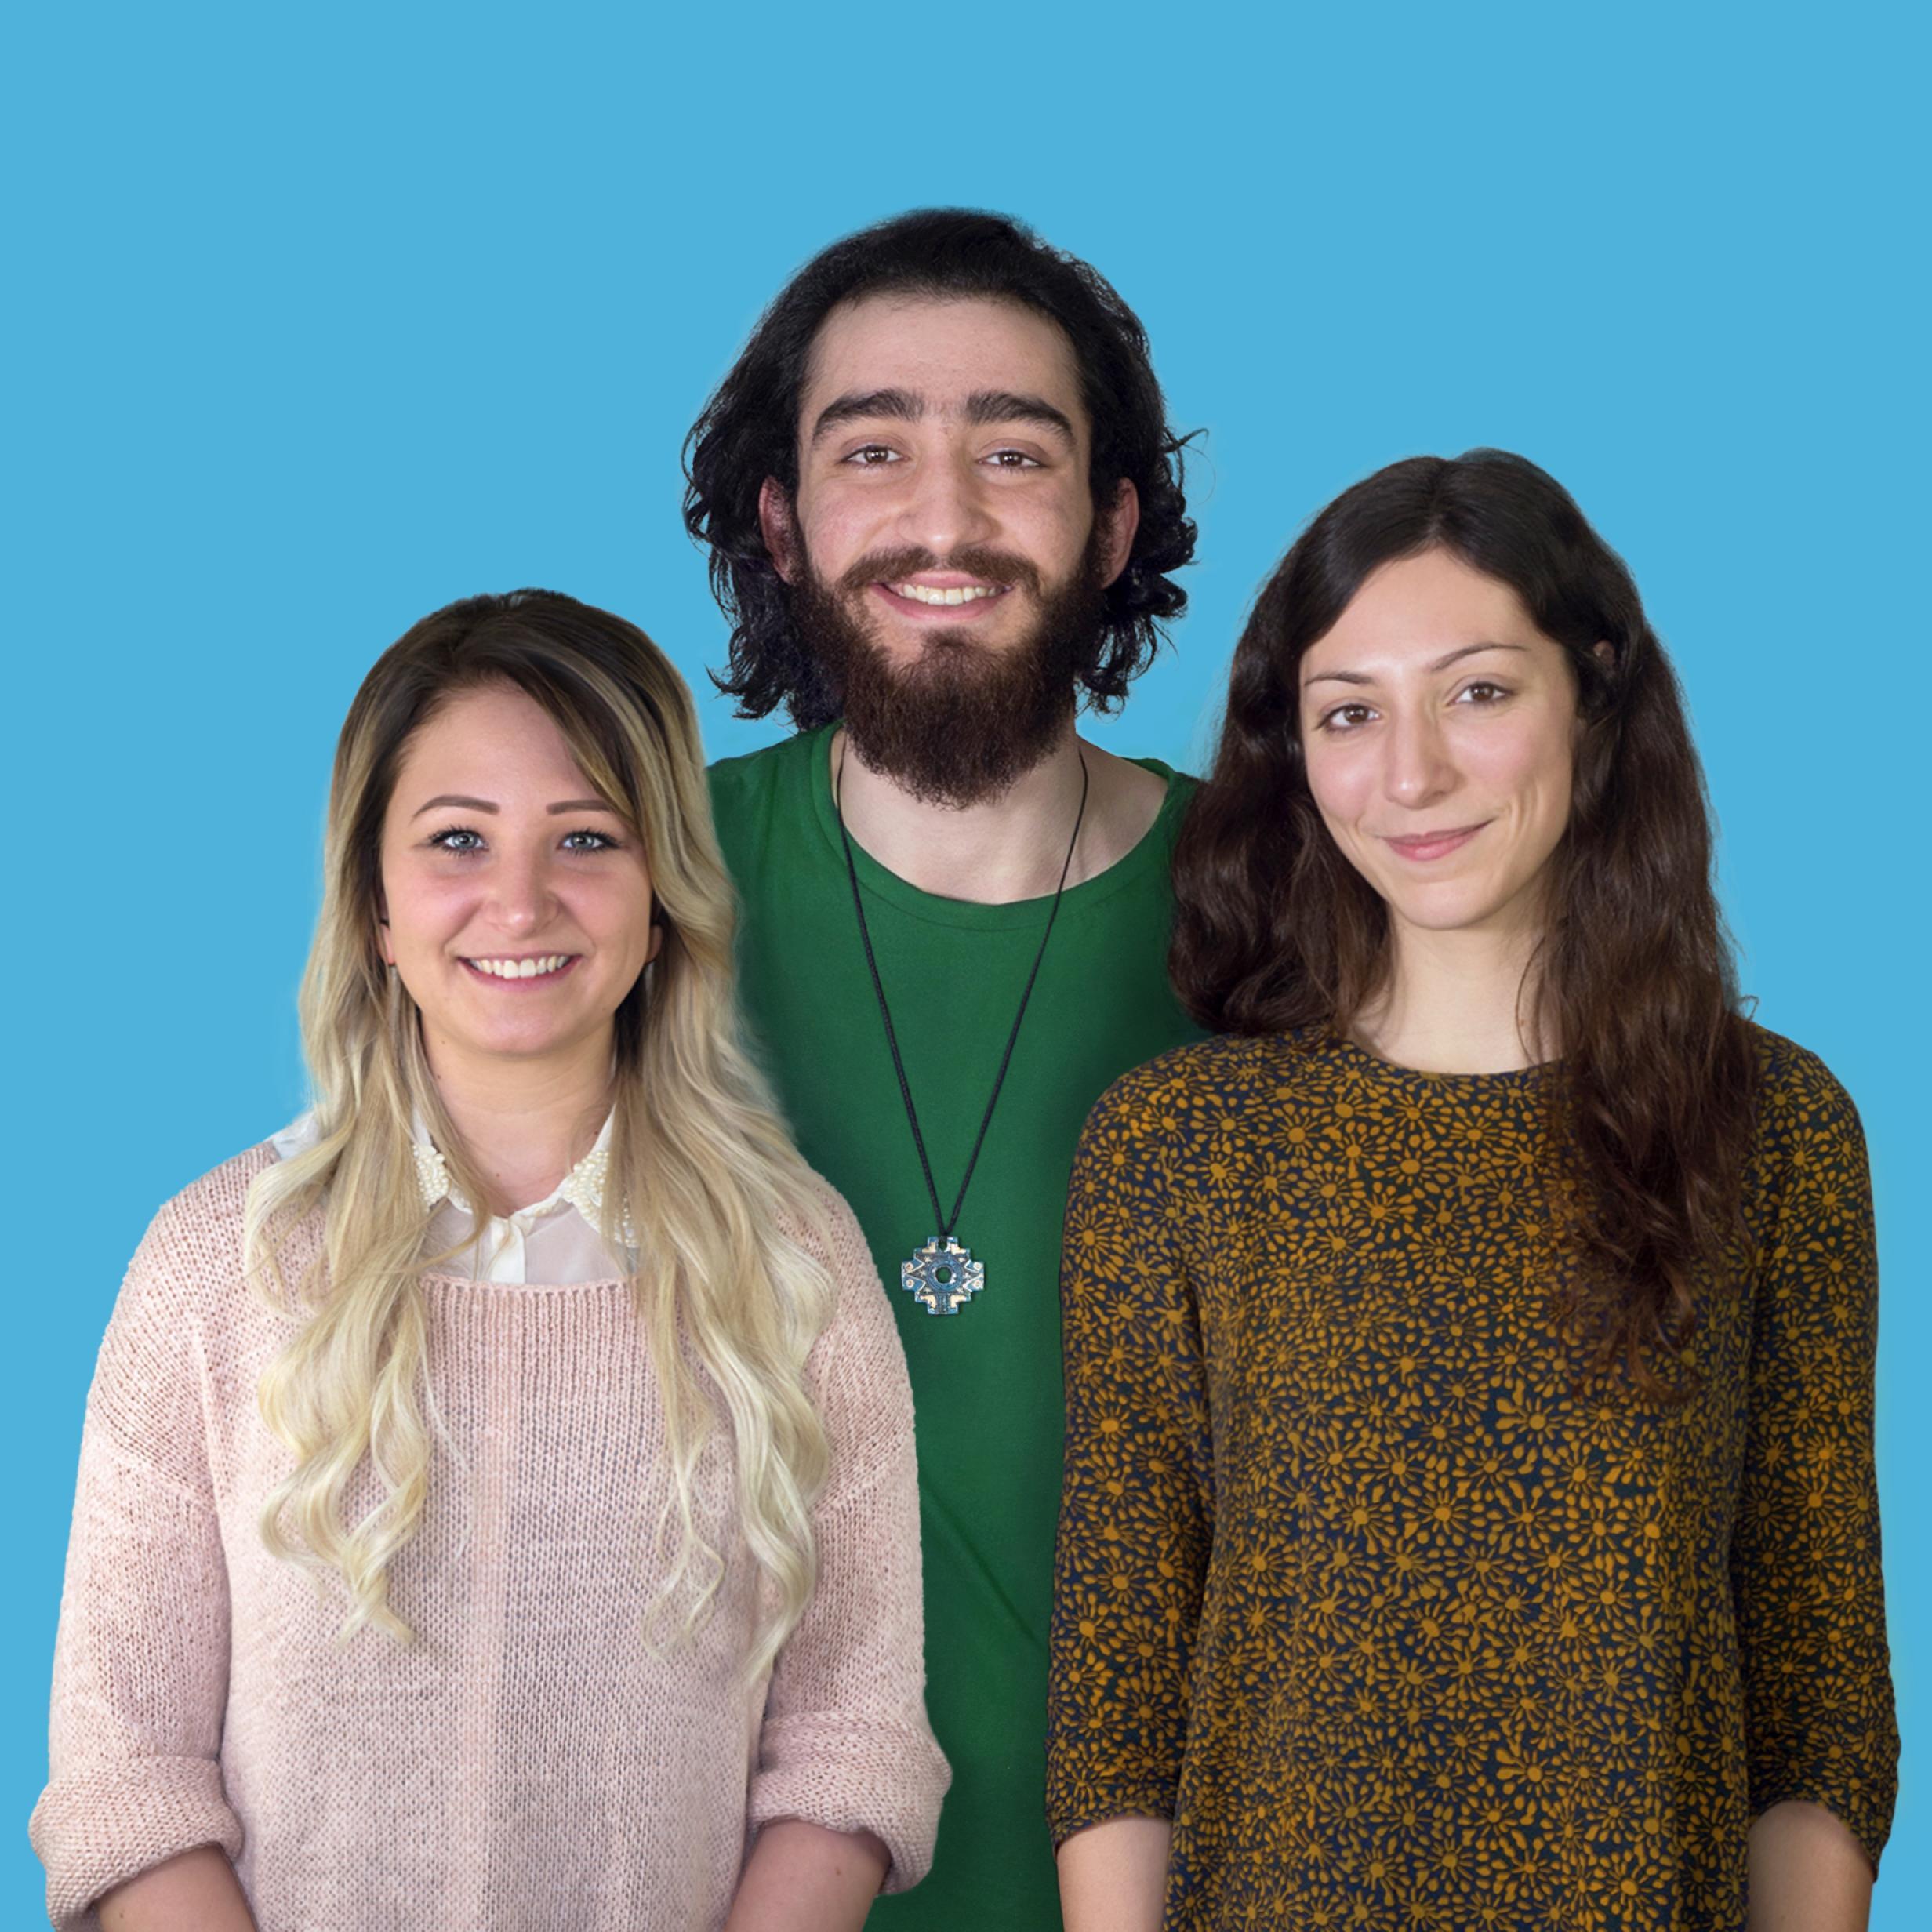 Eine Gruppe von drei Menschen: eine junge Frau mit langen blonden Haaren, ein Mann mit dunklen langen Haaren und Bart und eine Frau mit langen braunen Haare